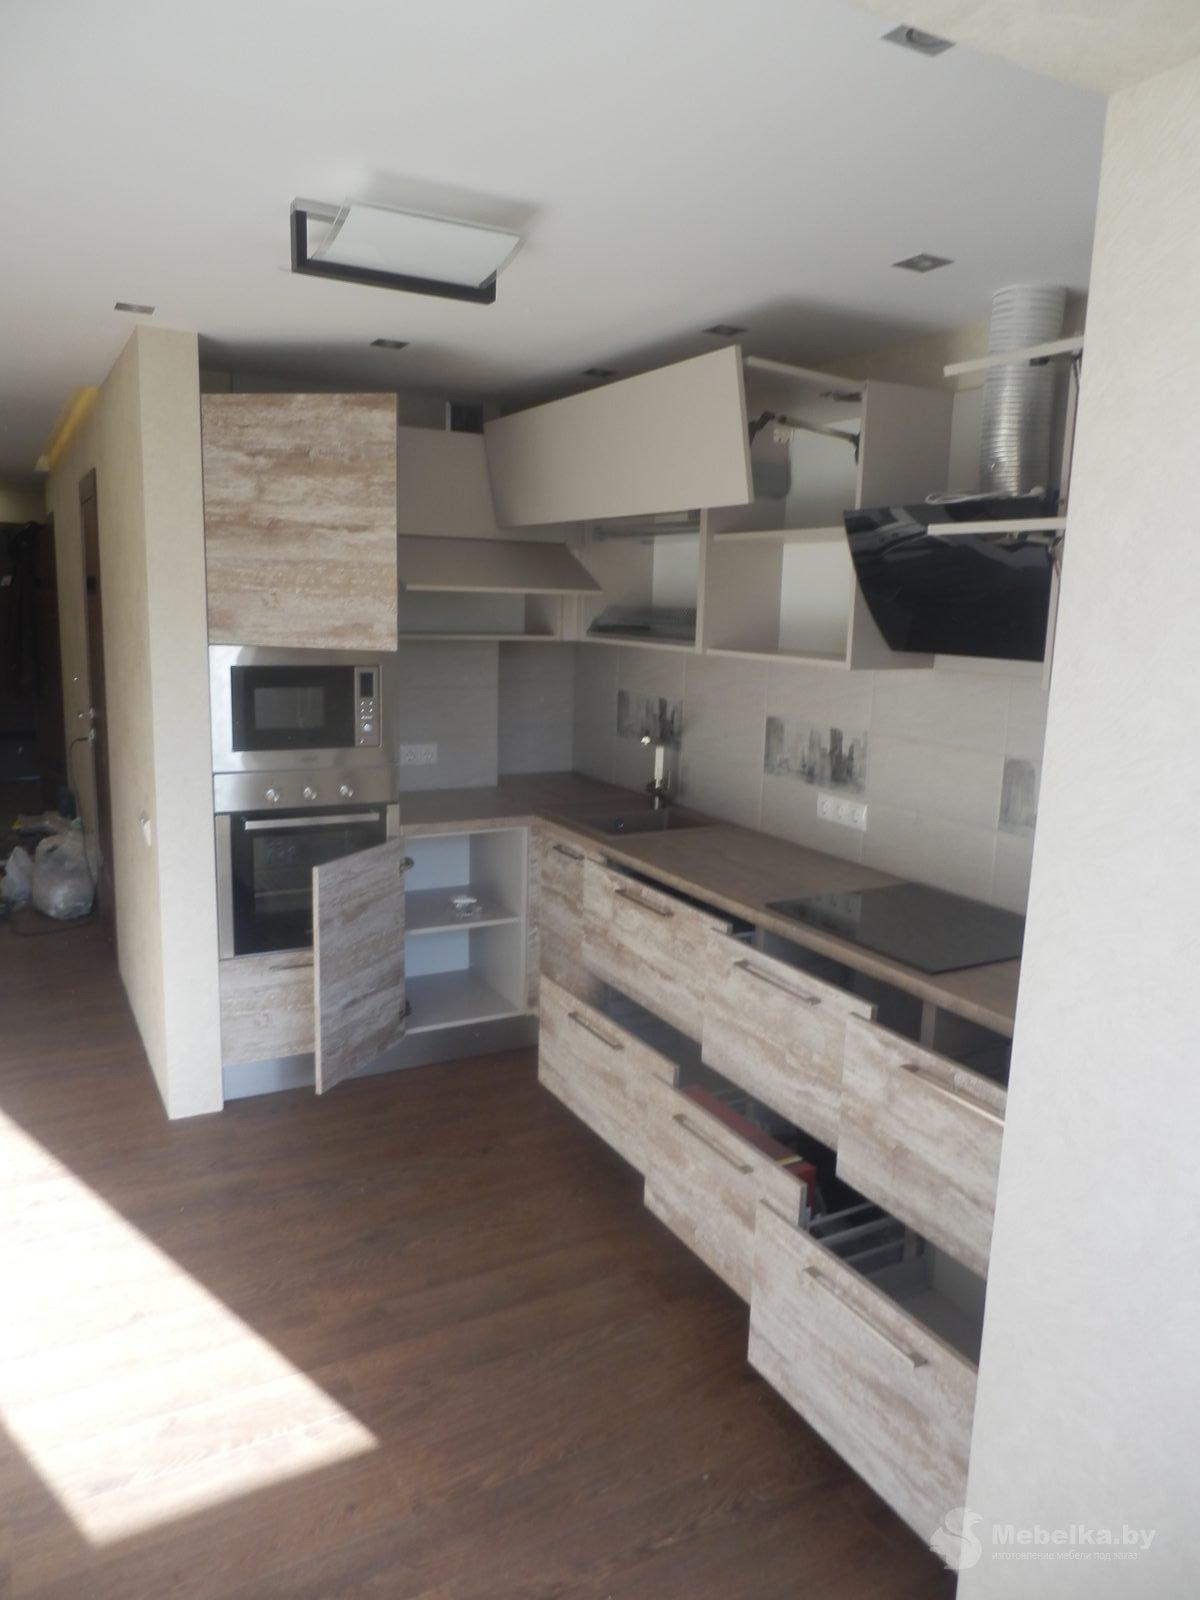 Угловая кухня с пеналом, с открытыми ящиками